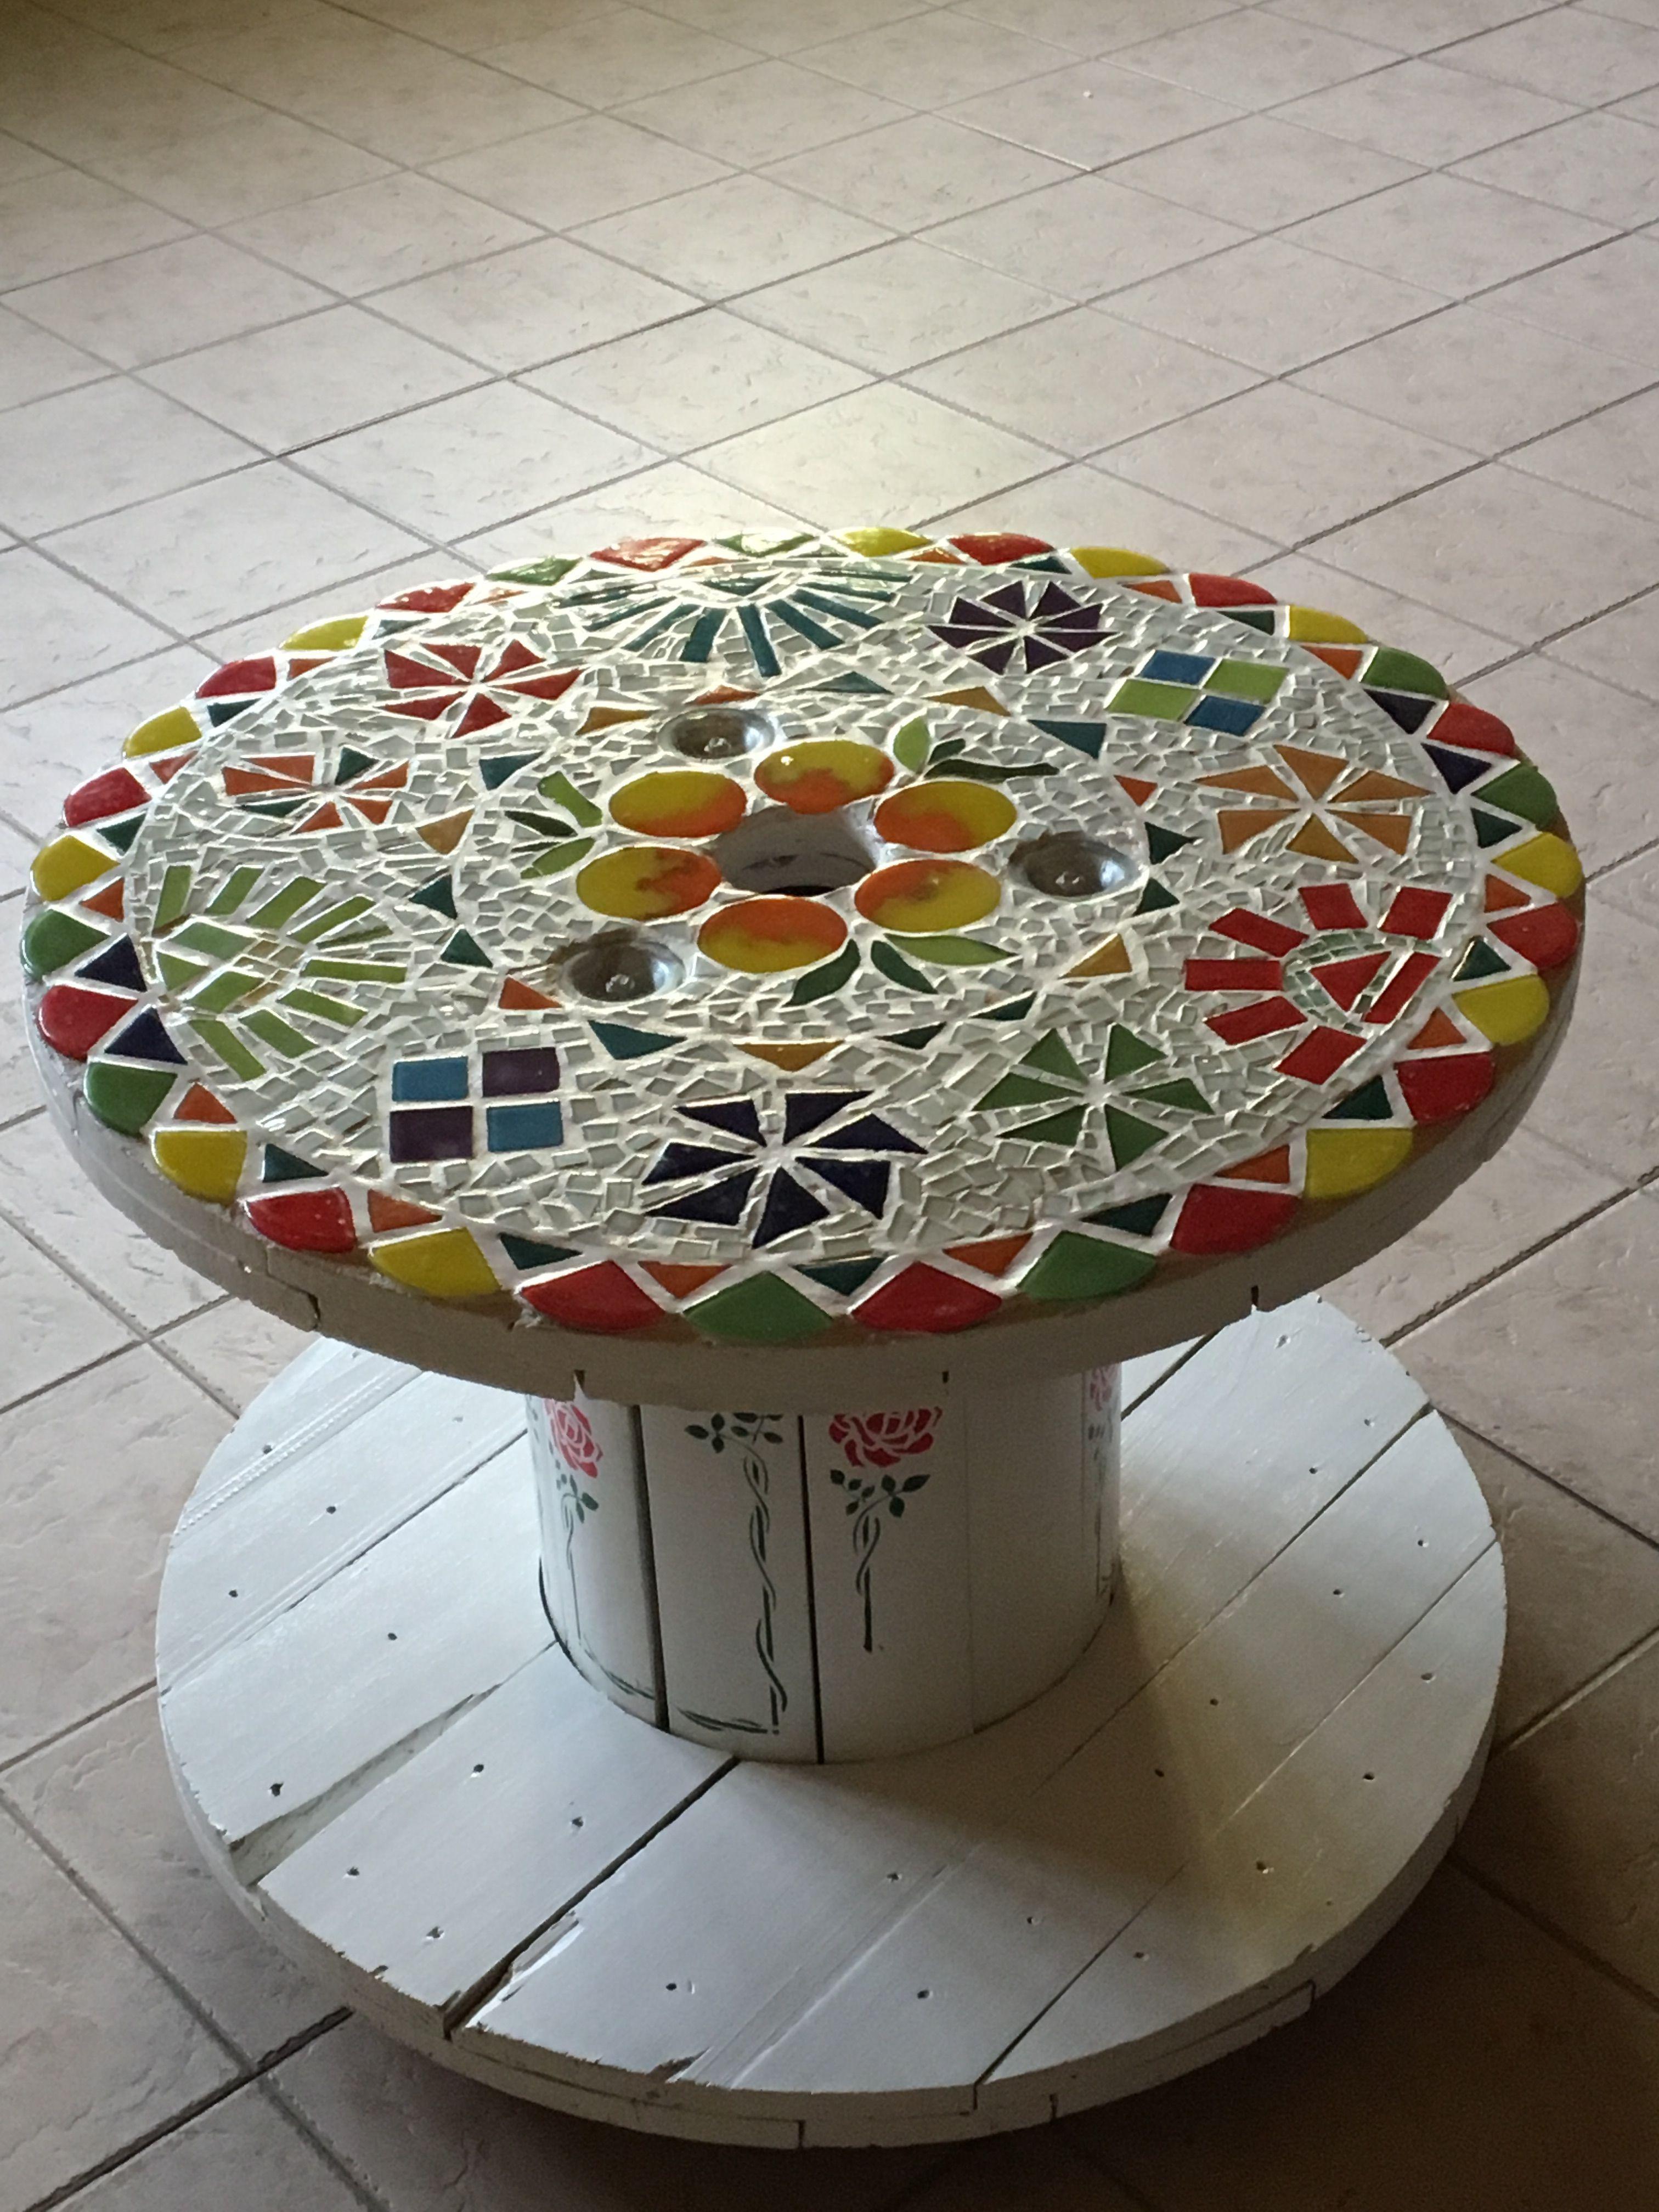 Rollo De Cable Transformado En Mesa Para El Patio Con Técnica Vitro Mosaiquismo Y Stensil En El Tronco De La Mesa Mosaic Crafts Mosaic Tile Art Mosaic Table